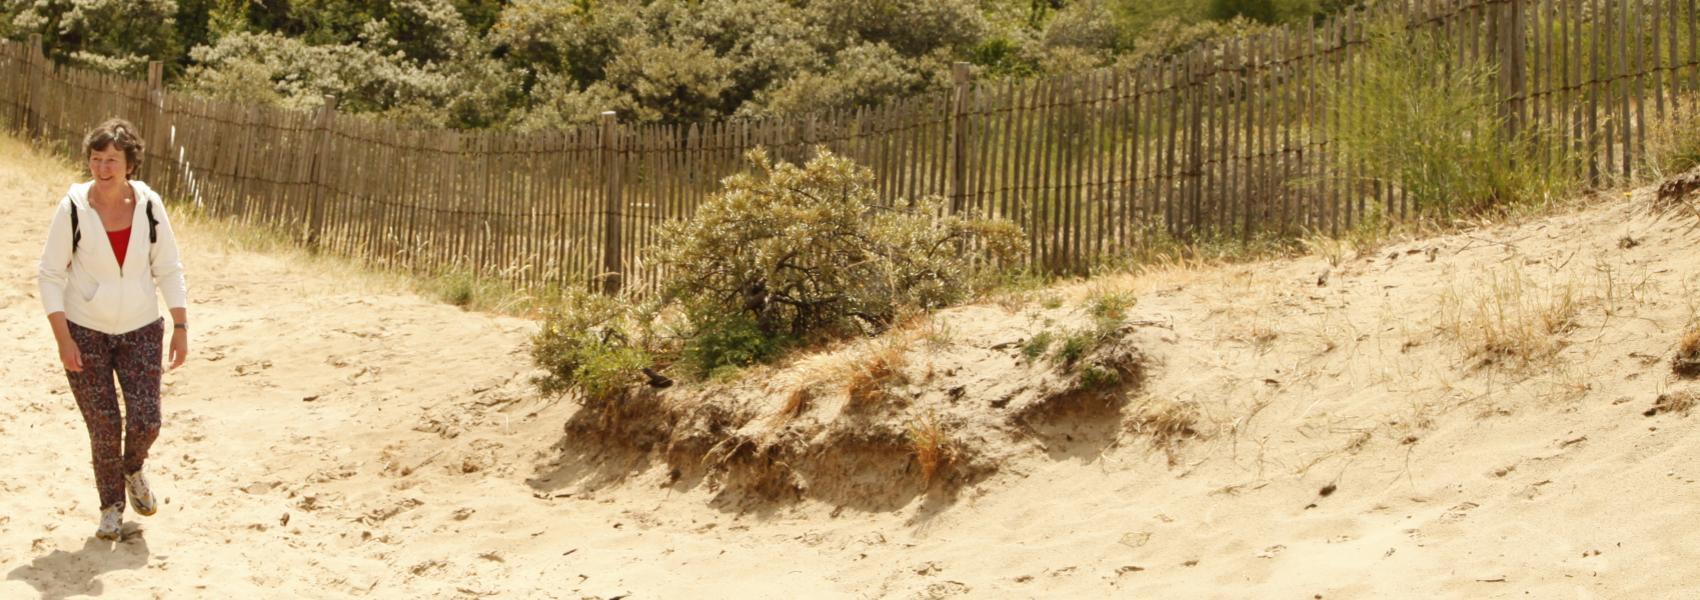 wandelaarster in de duinen